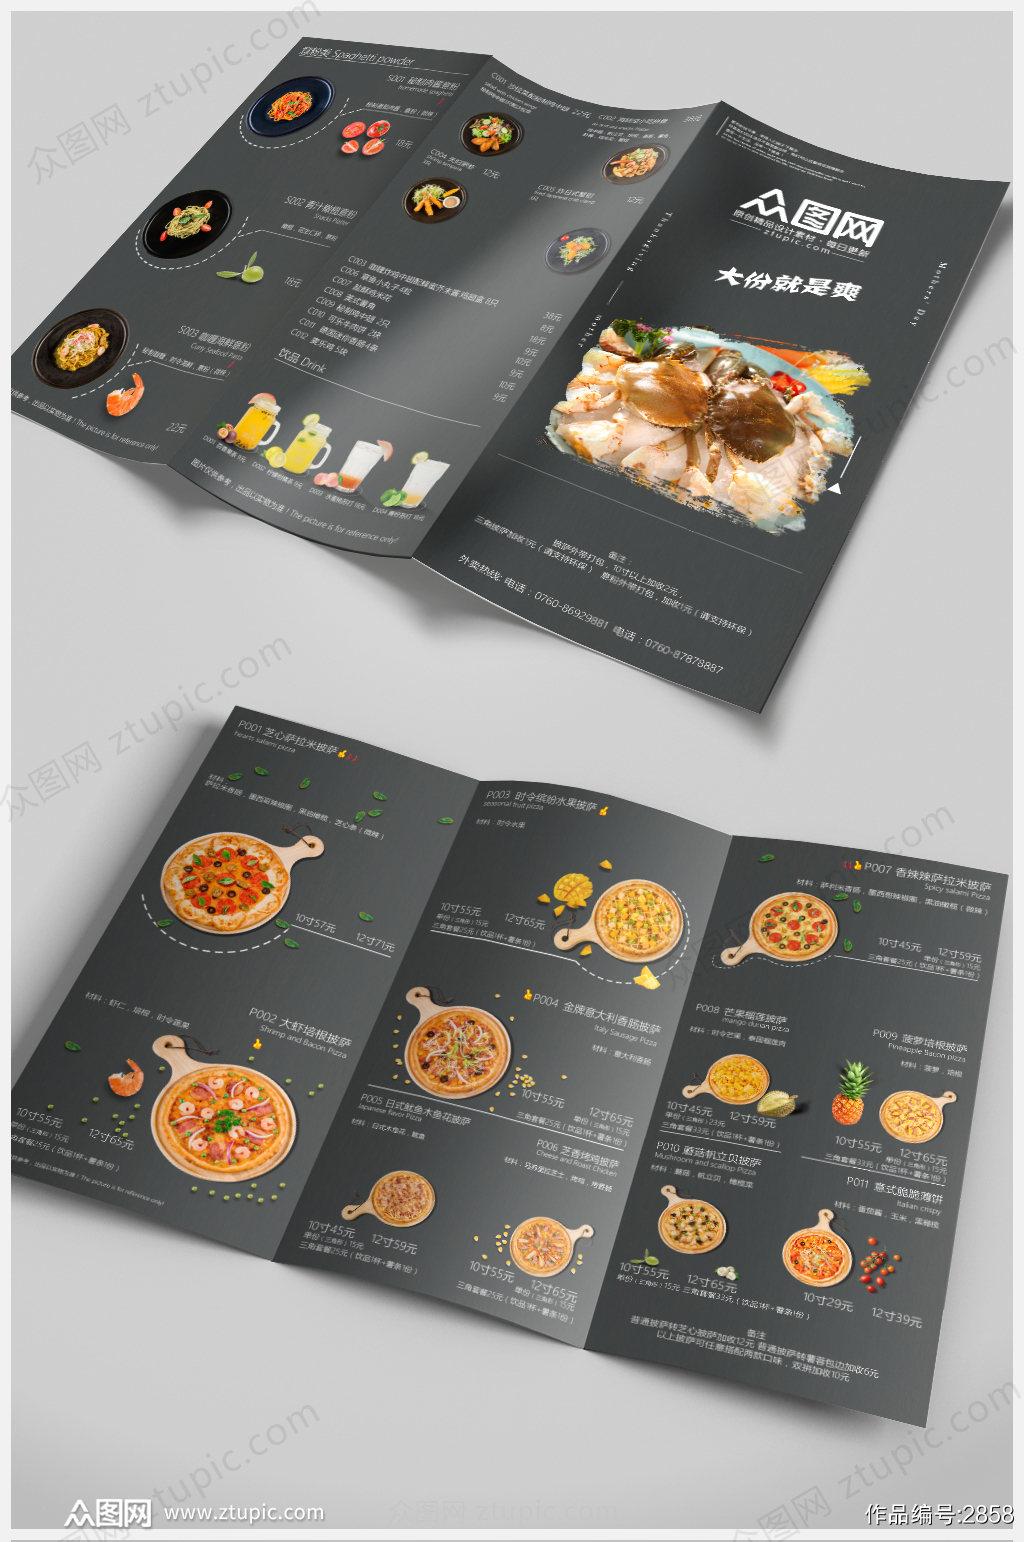 时尚美食披萨西餐厅菜单三折页菜谱内页素材